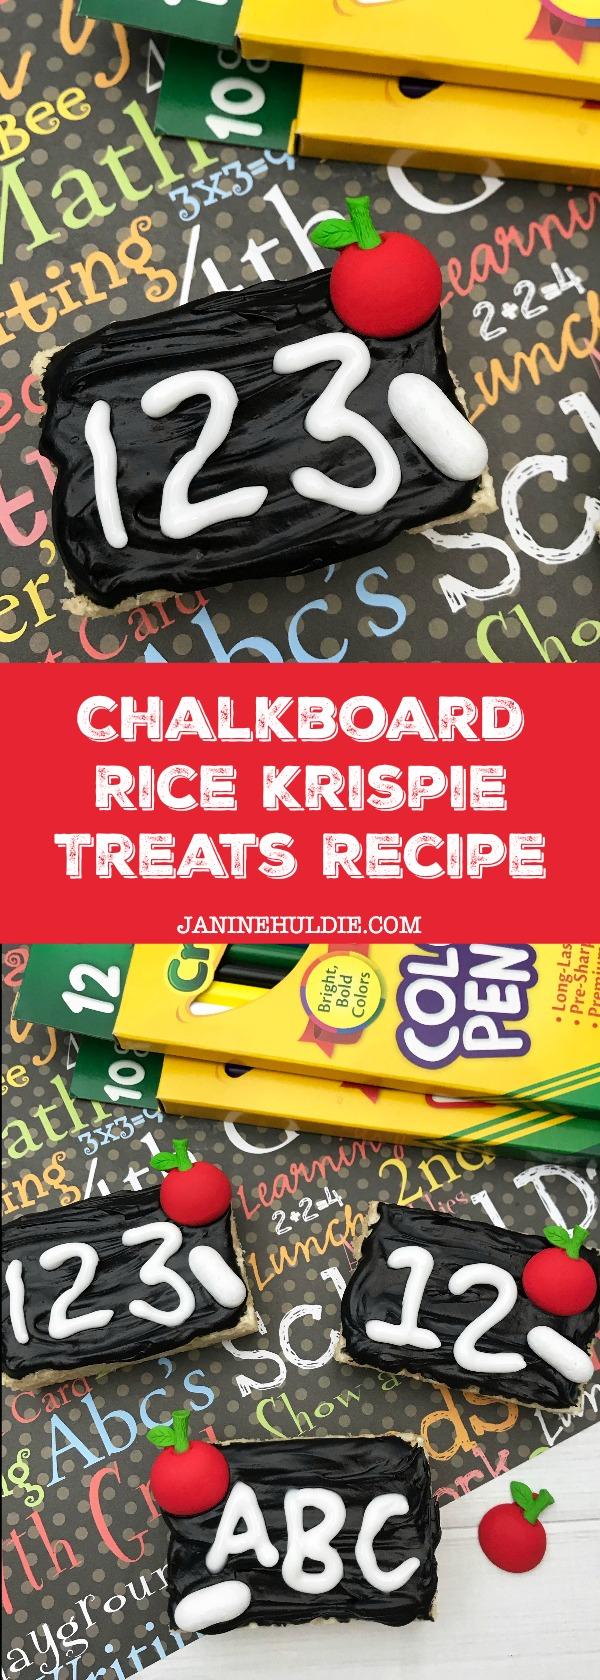 Chalkboard Rice Krispie Treats Recipe